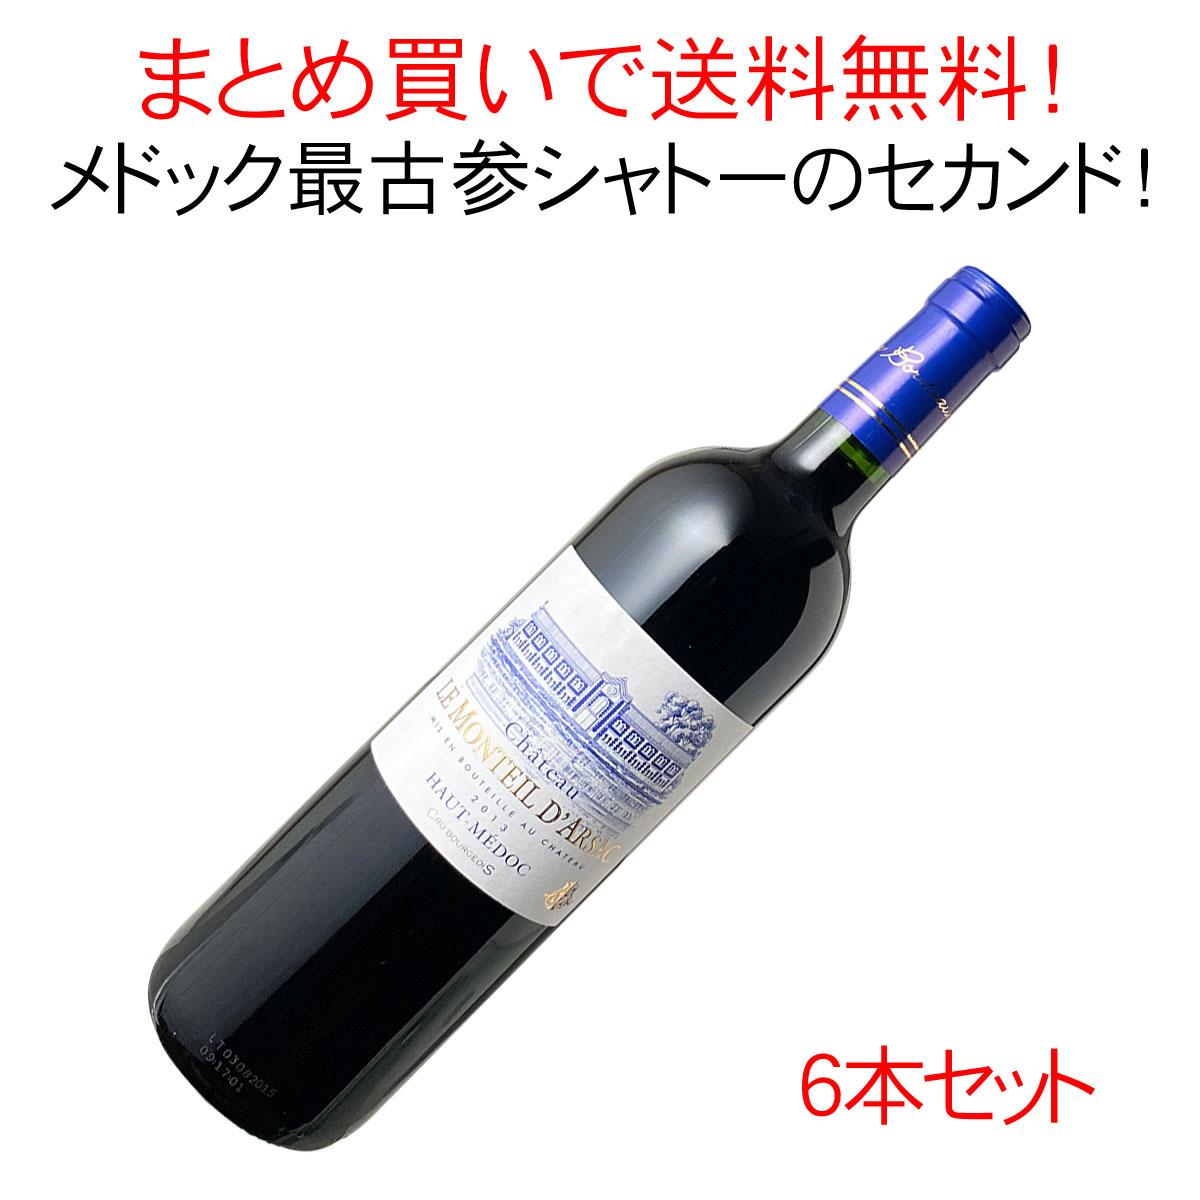 【送料無料】シャトー・ル・モンテイユ・ダルサック [2013] 1ケース6本セット <ワイン/ボルドー>